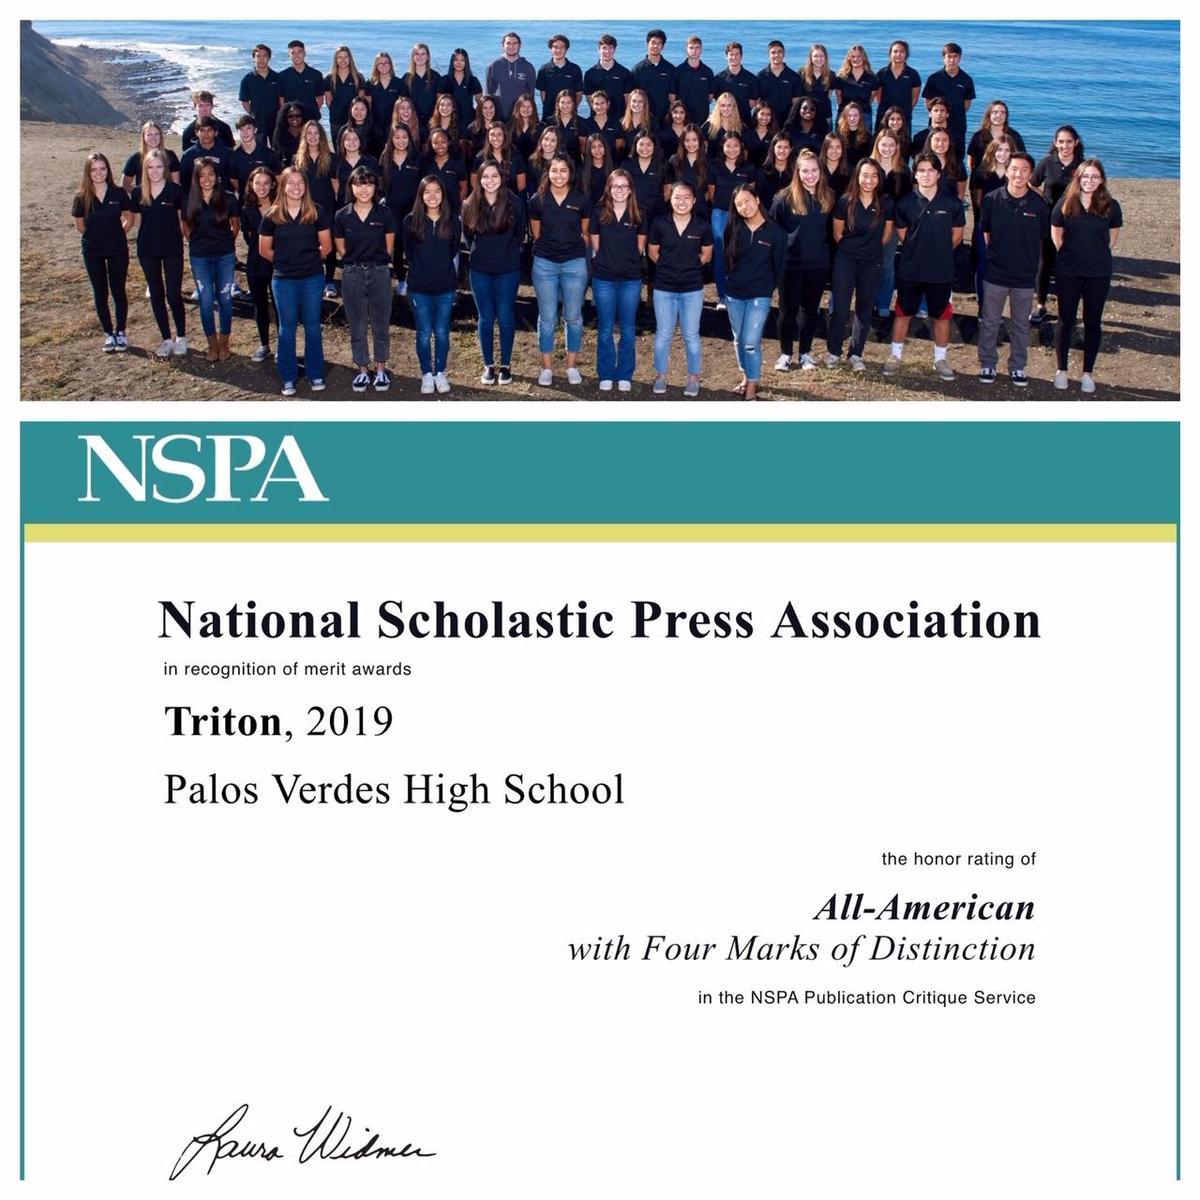 NSPA Awards Triton Yearbook 2019 All-American Award